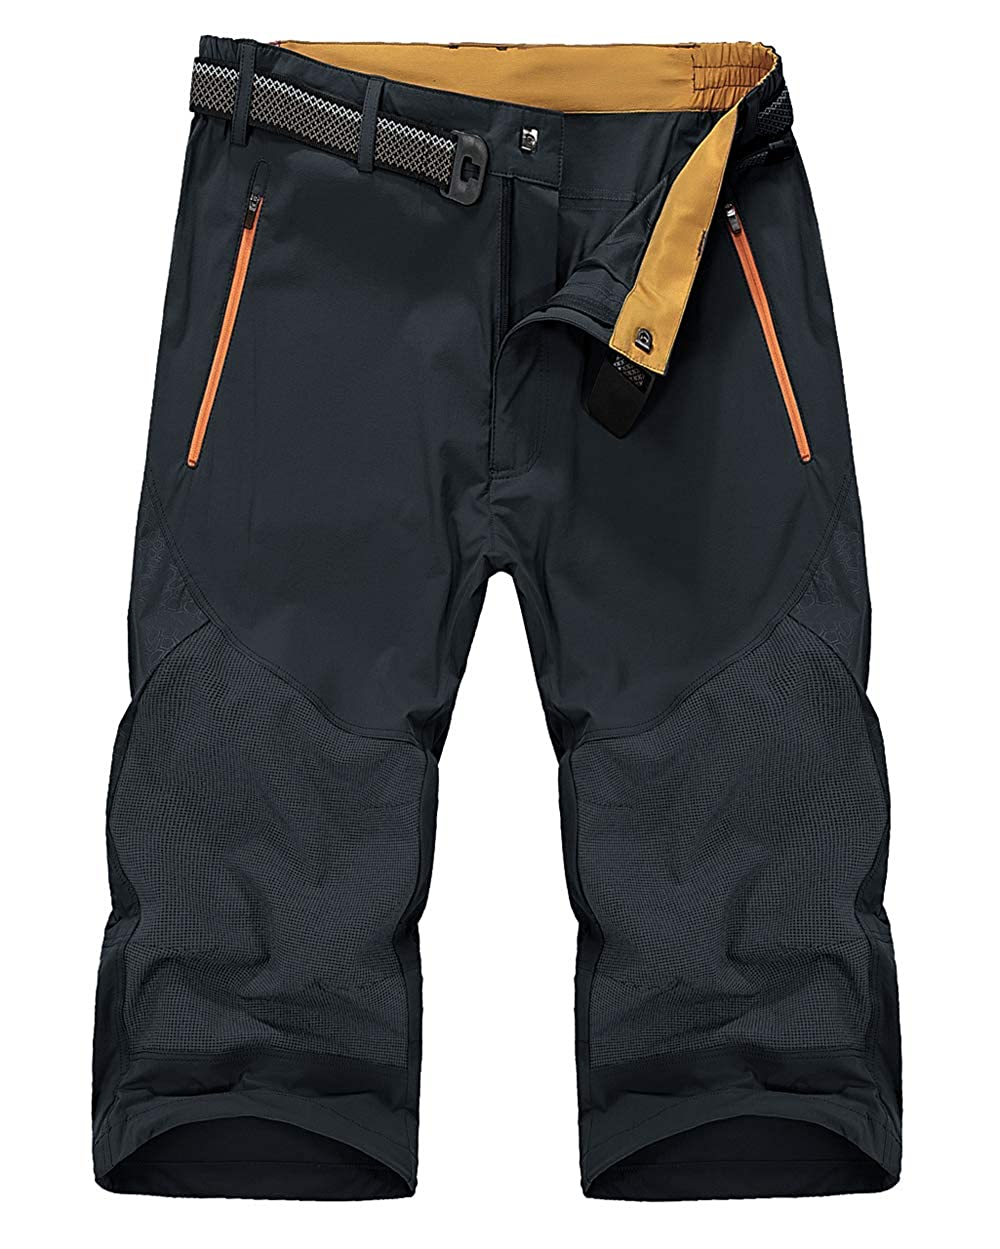 KEFITEVD Pantalones de Hombre Pantalones de Senderismo 3//4 Pantalones Cortos de Trekking el/ásticos de Secado r/ápido Pantalones de Verano